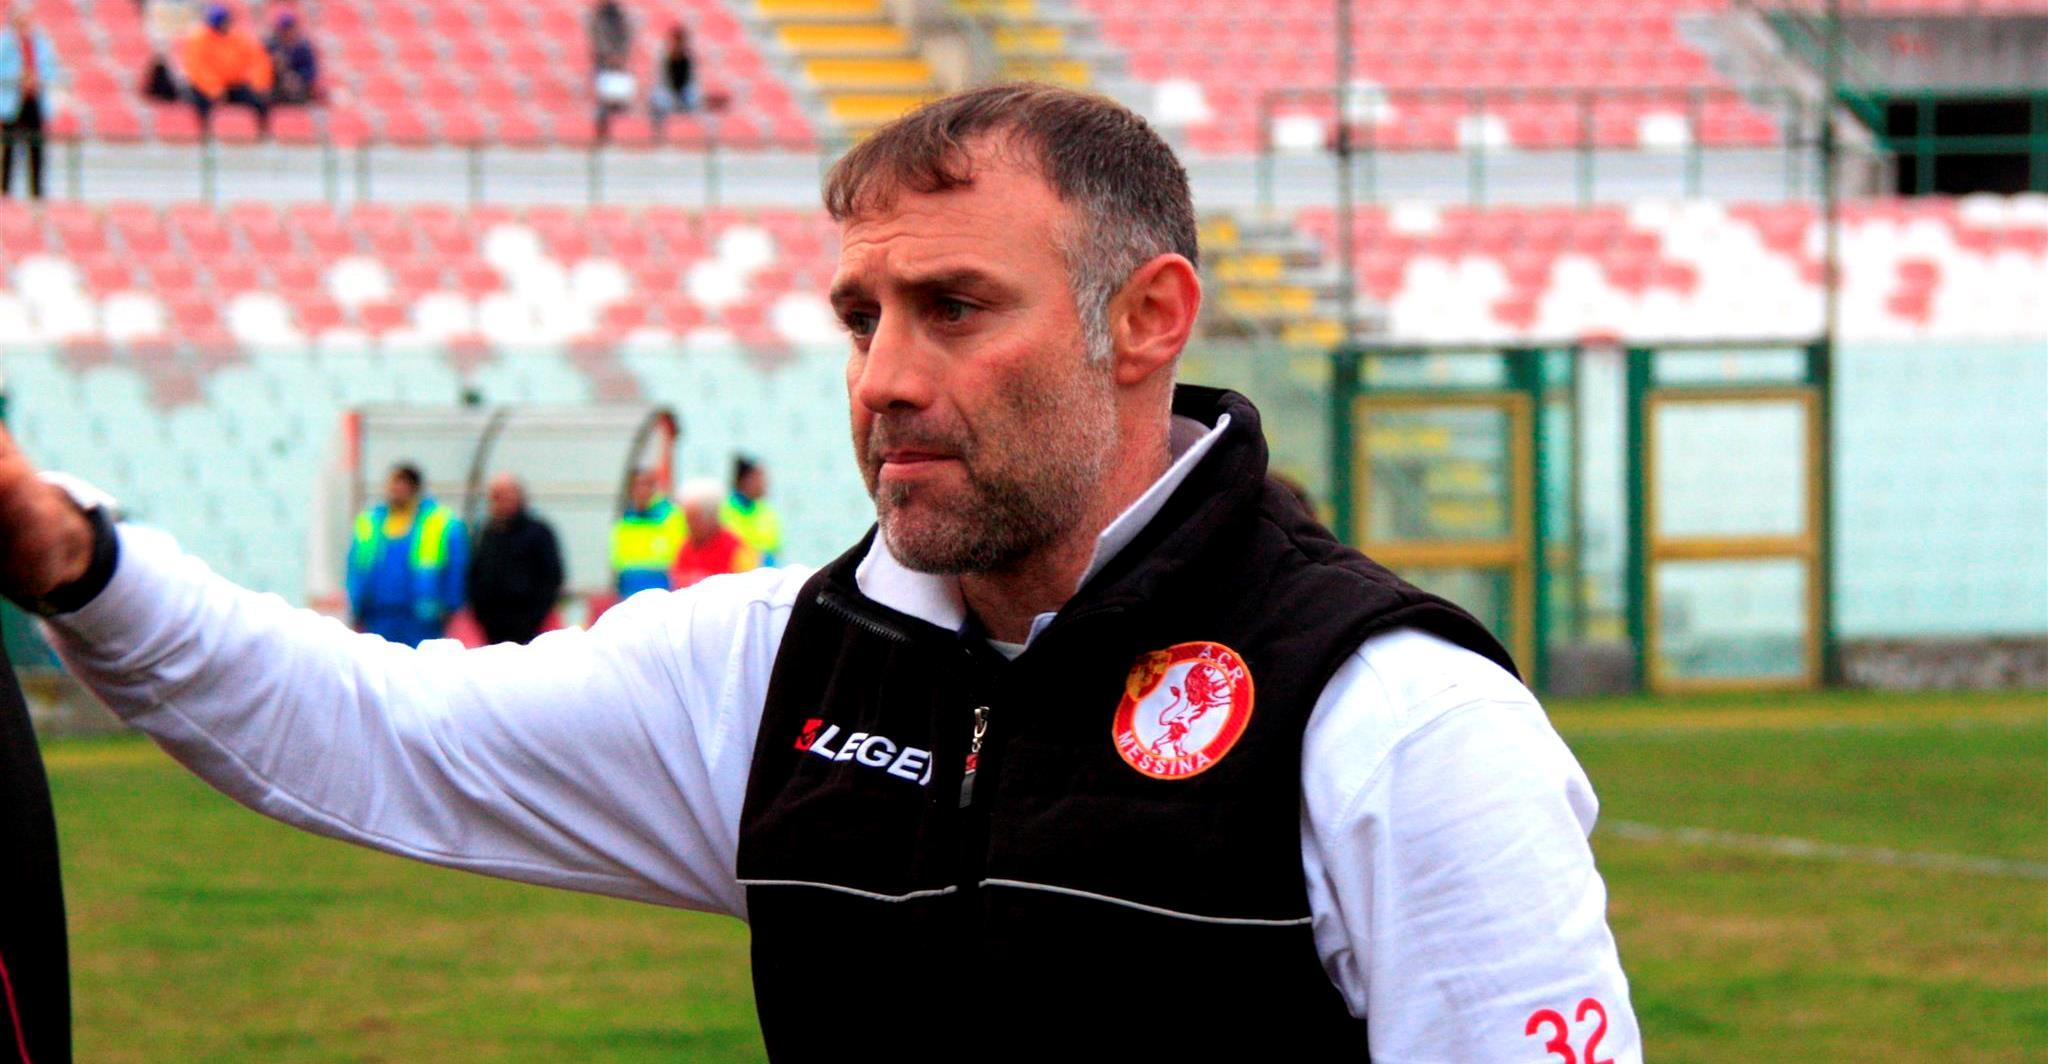 """Campolo: """"Pioli era allenatore già quando giocava. Semplici? Servono coraggio e fiducia nei giovani"""""""